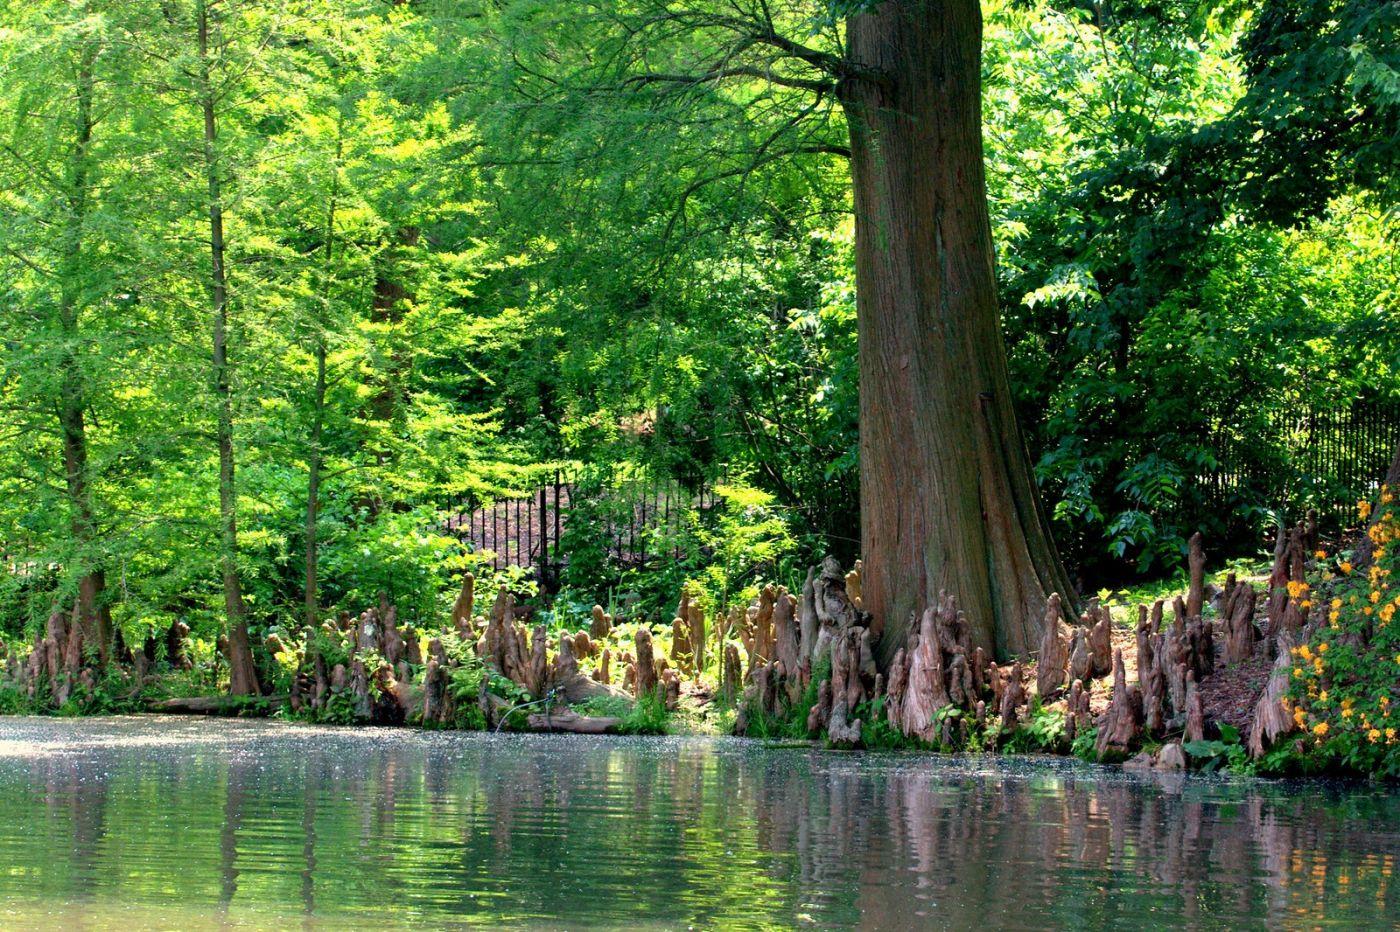 宾州长木公园,过往的记忆_图1-25